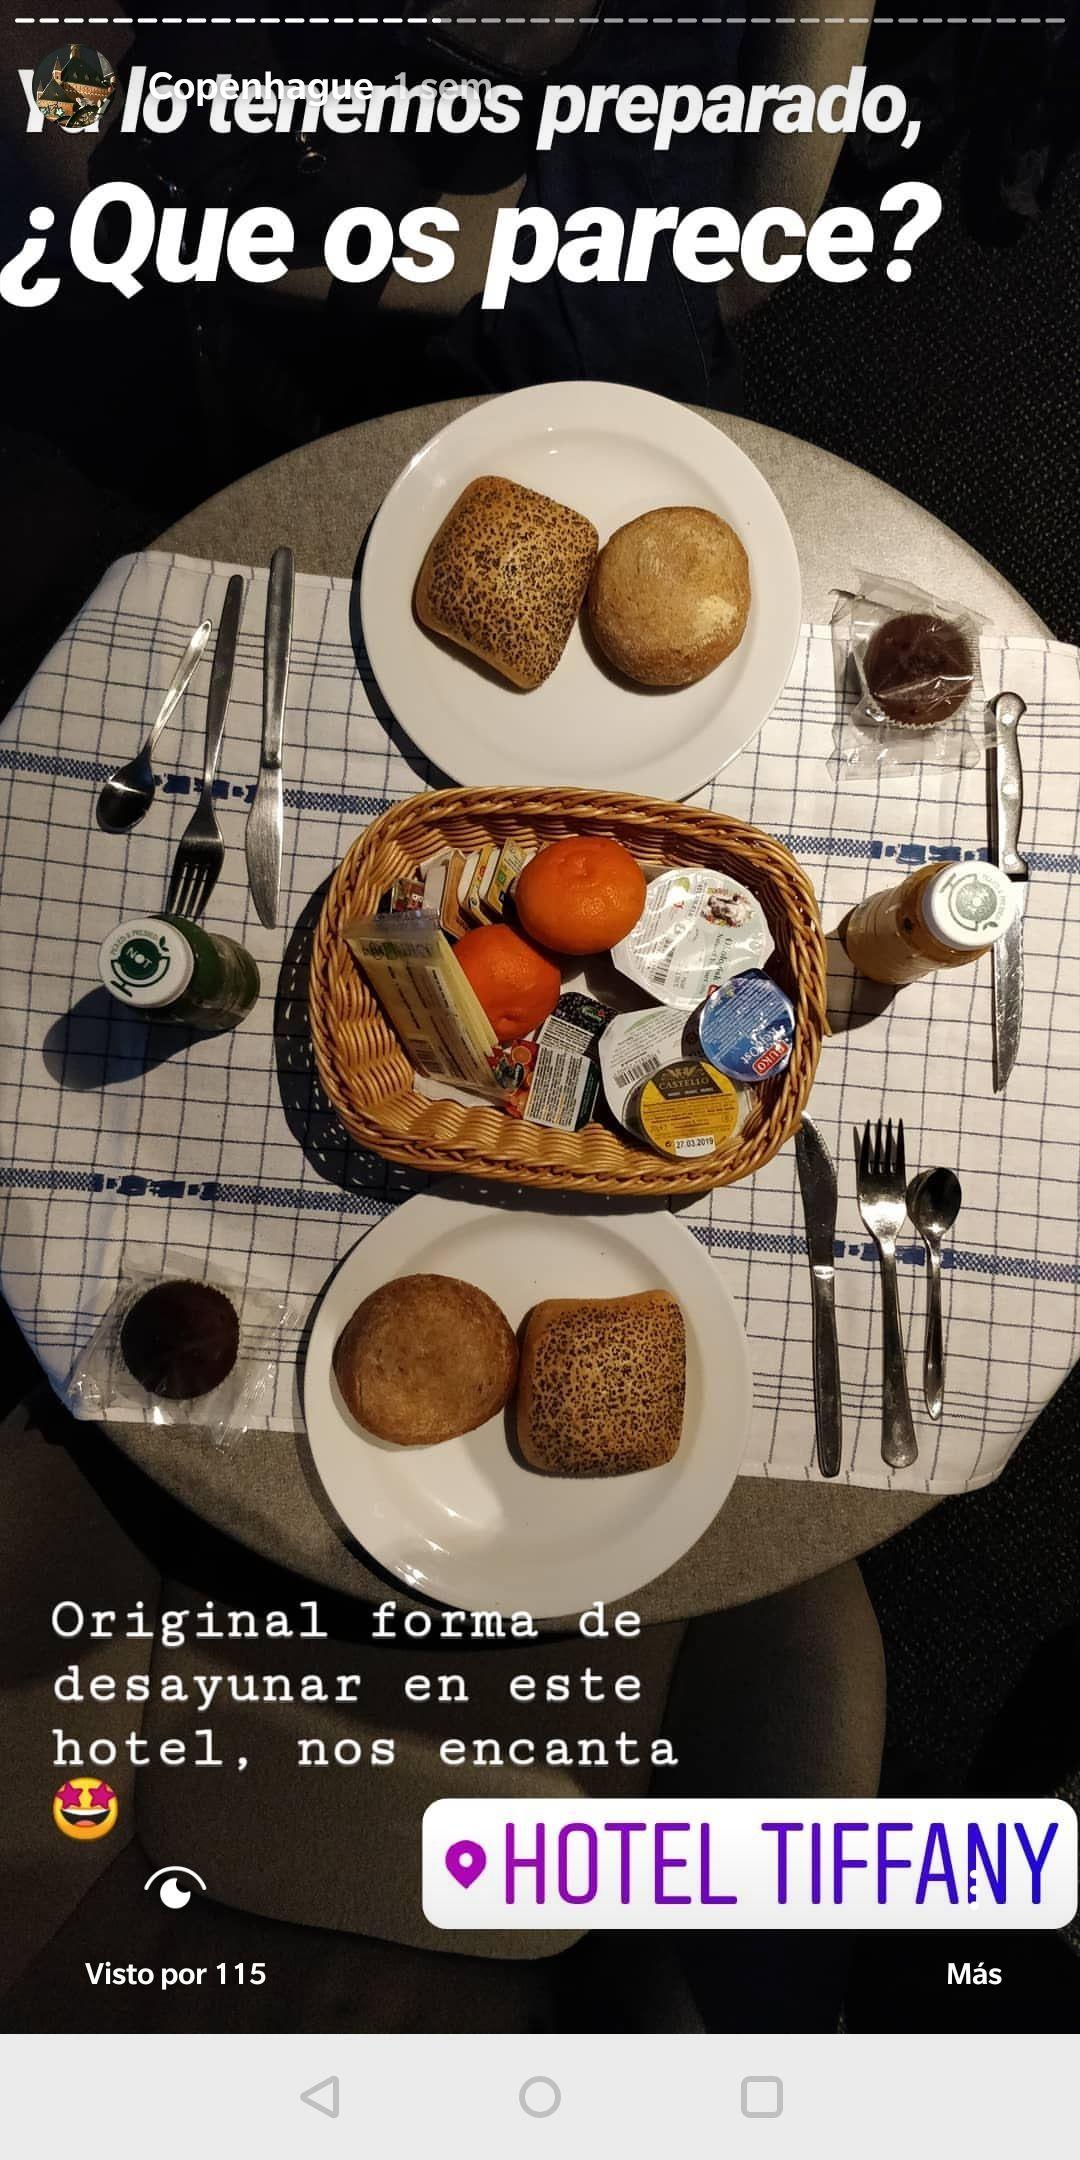 La story que subimos a nuestro instagram enseñando como es el desayuno del hotel Tiffany en Copenhague- Los viajes de Margalliver